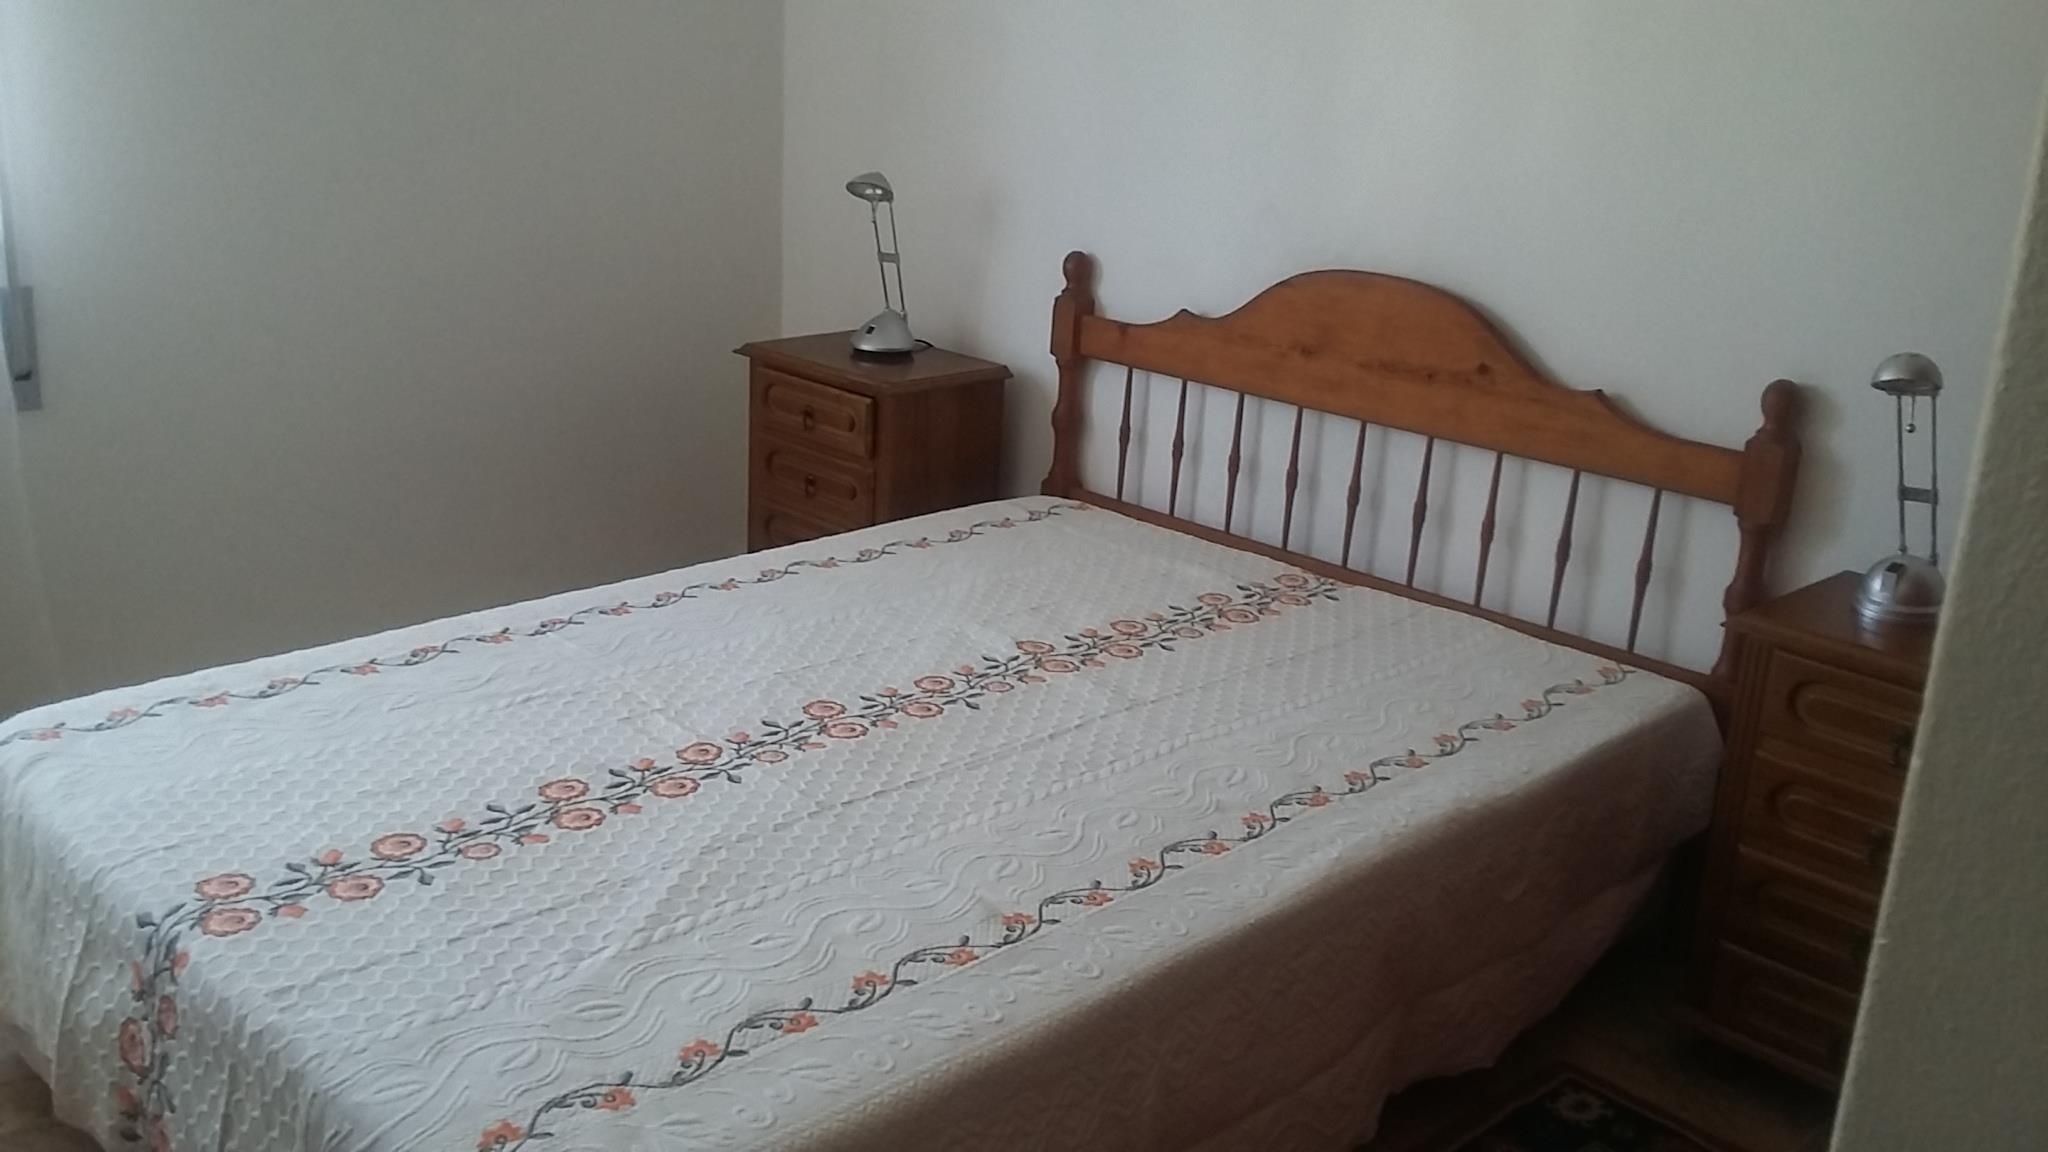 Location appartements et villas de vacance, Casa Vista Mar – Pêra – Armação de Pêra – Algarve. à Pêra, Portugal Algarve, REF_IMG_541_553